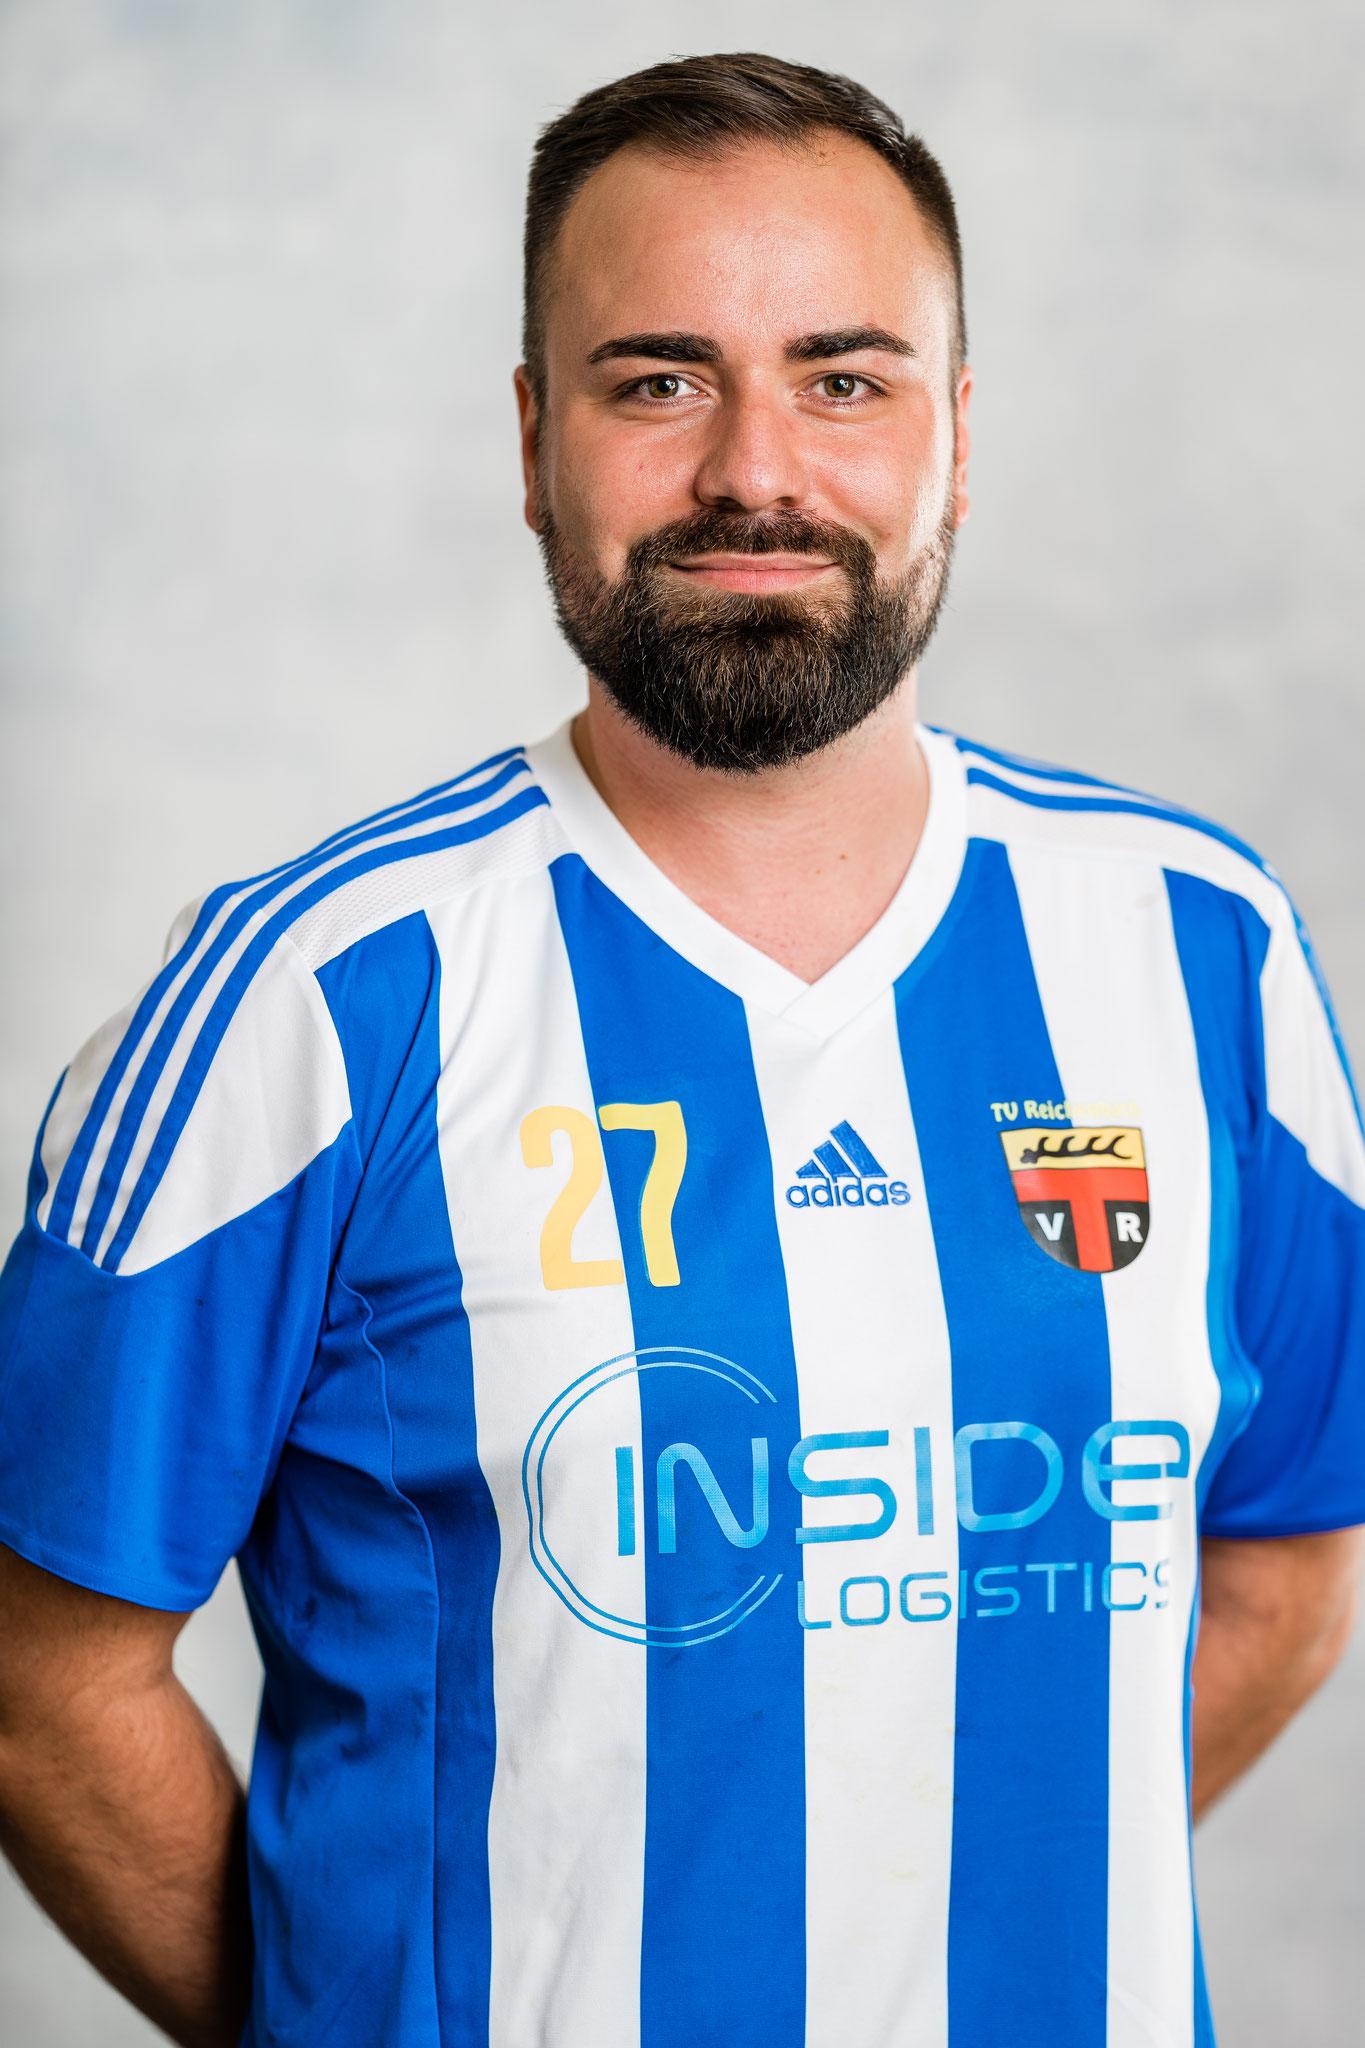 Sebastian Capellari